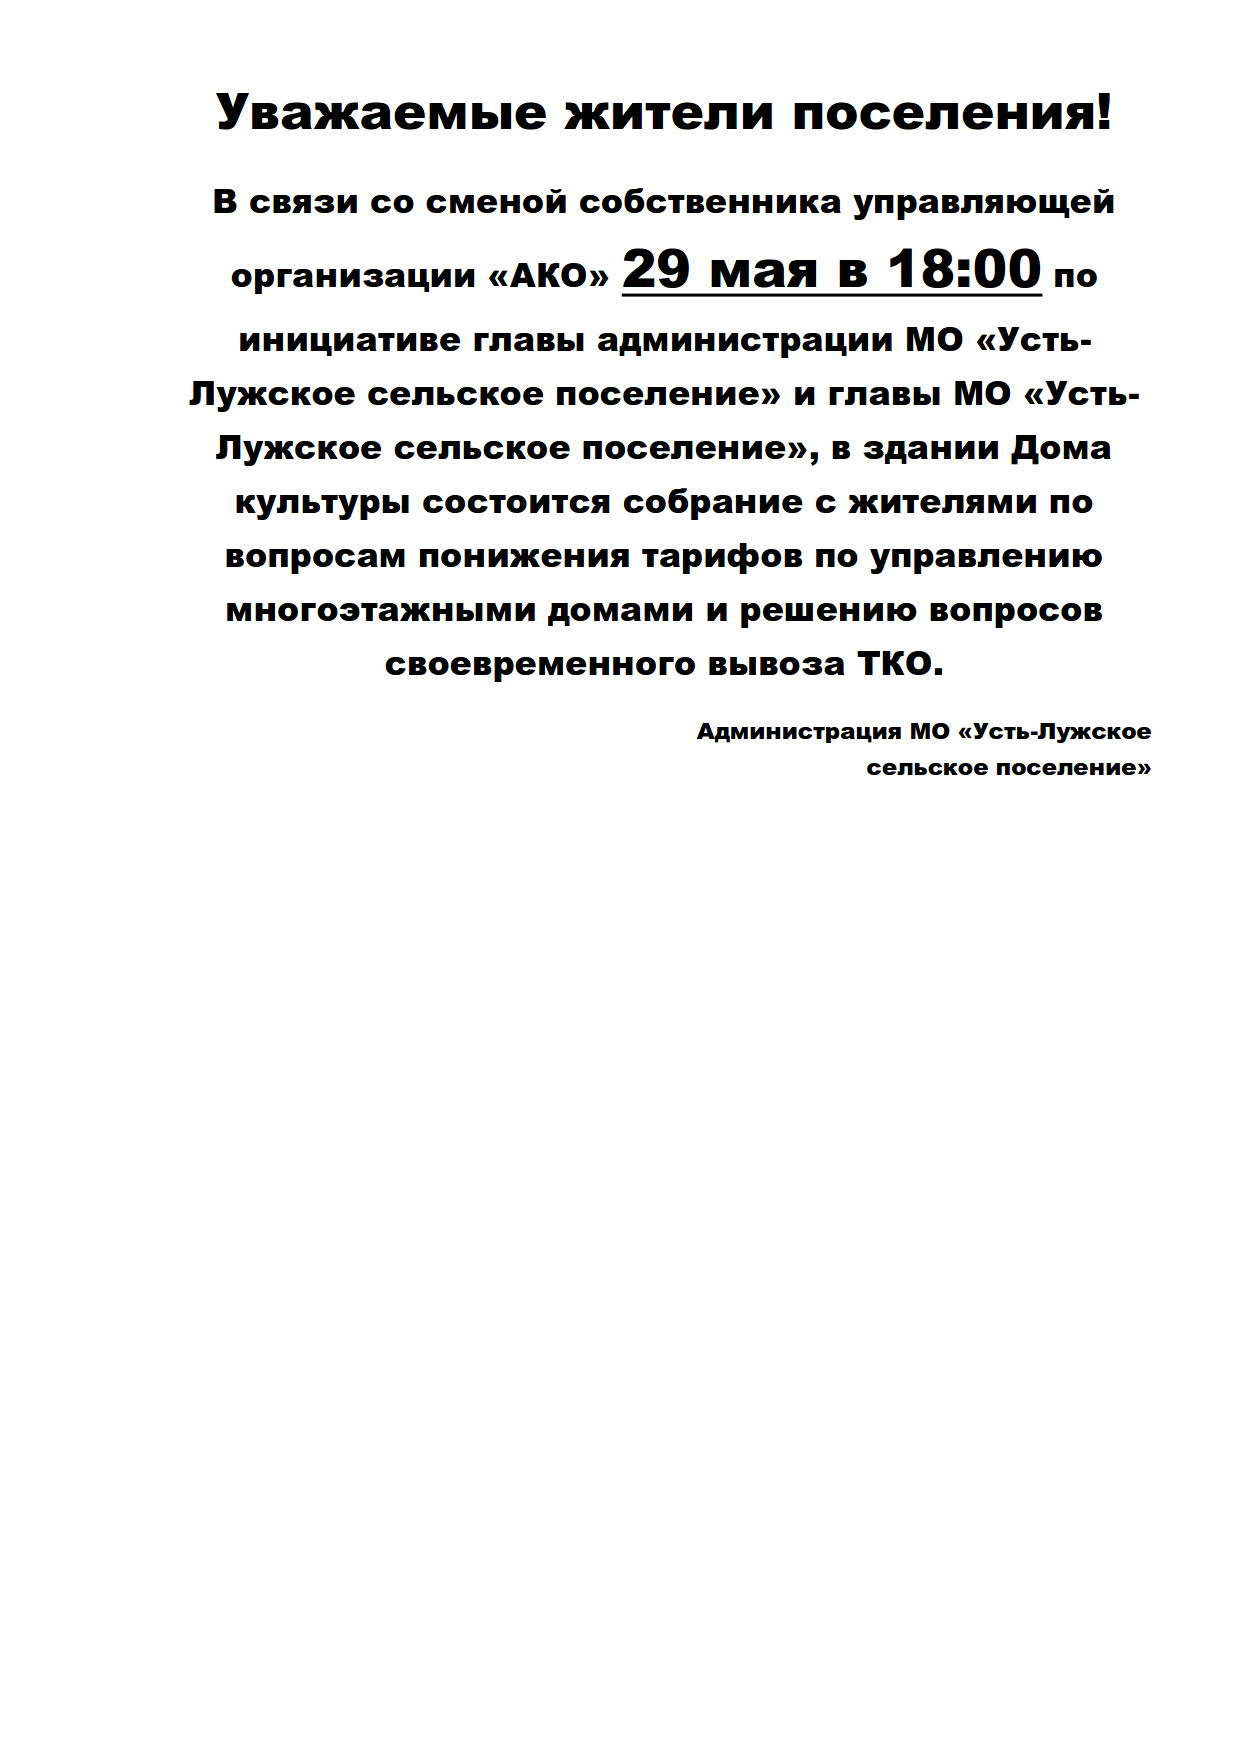 объявление собрание АКО_1